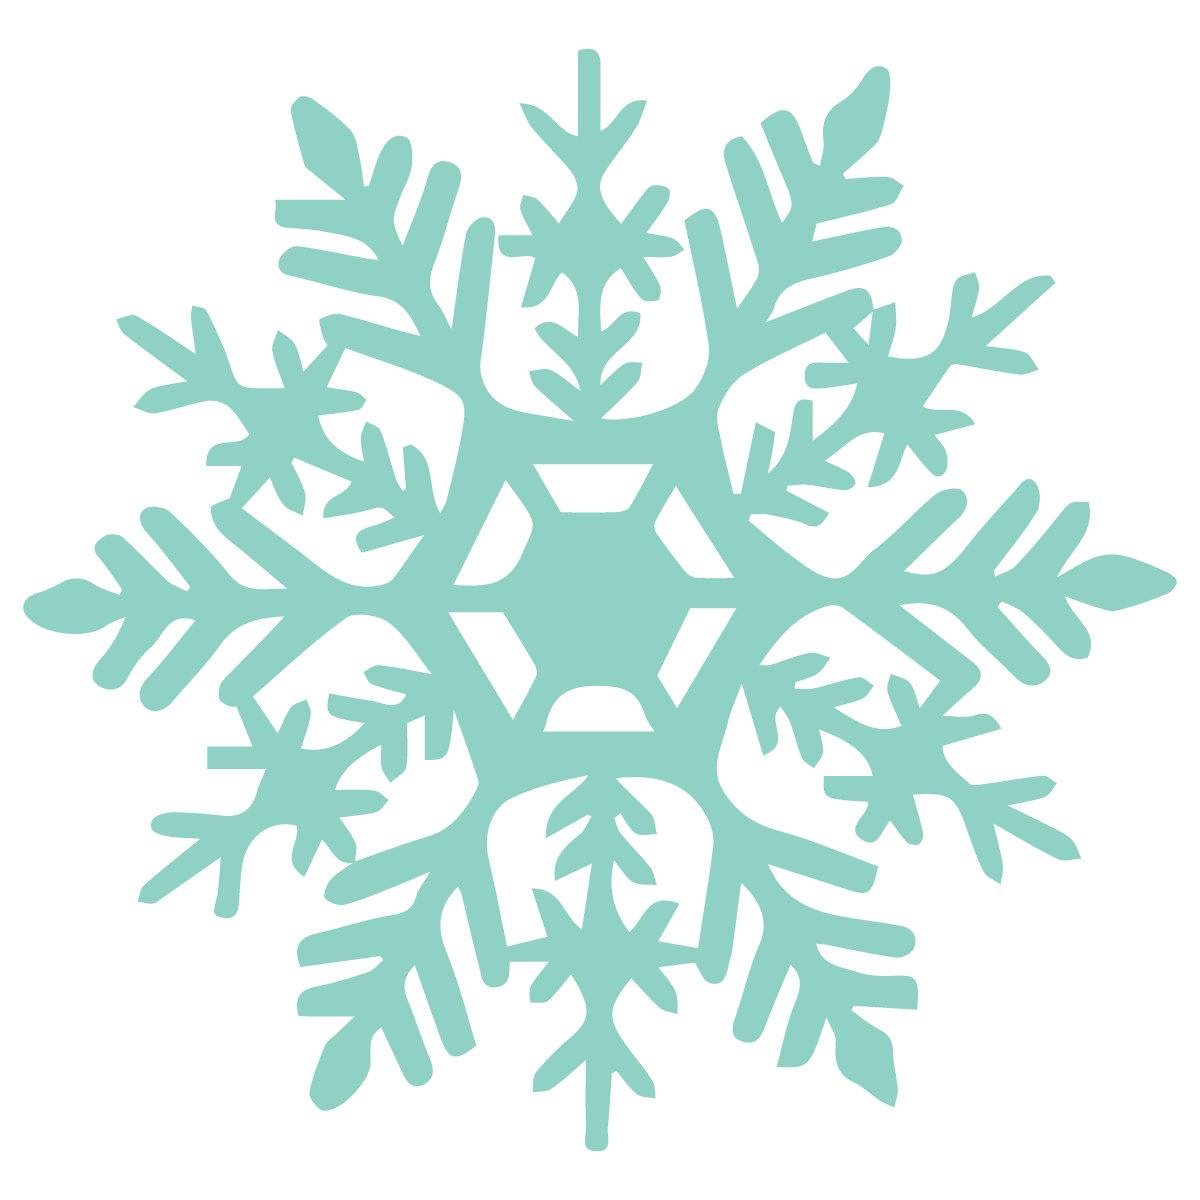 Disney snowflake free download. Frozen clipart snowflakes